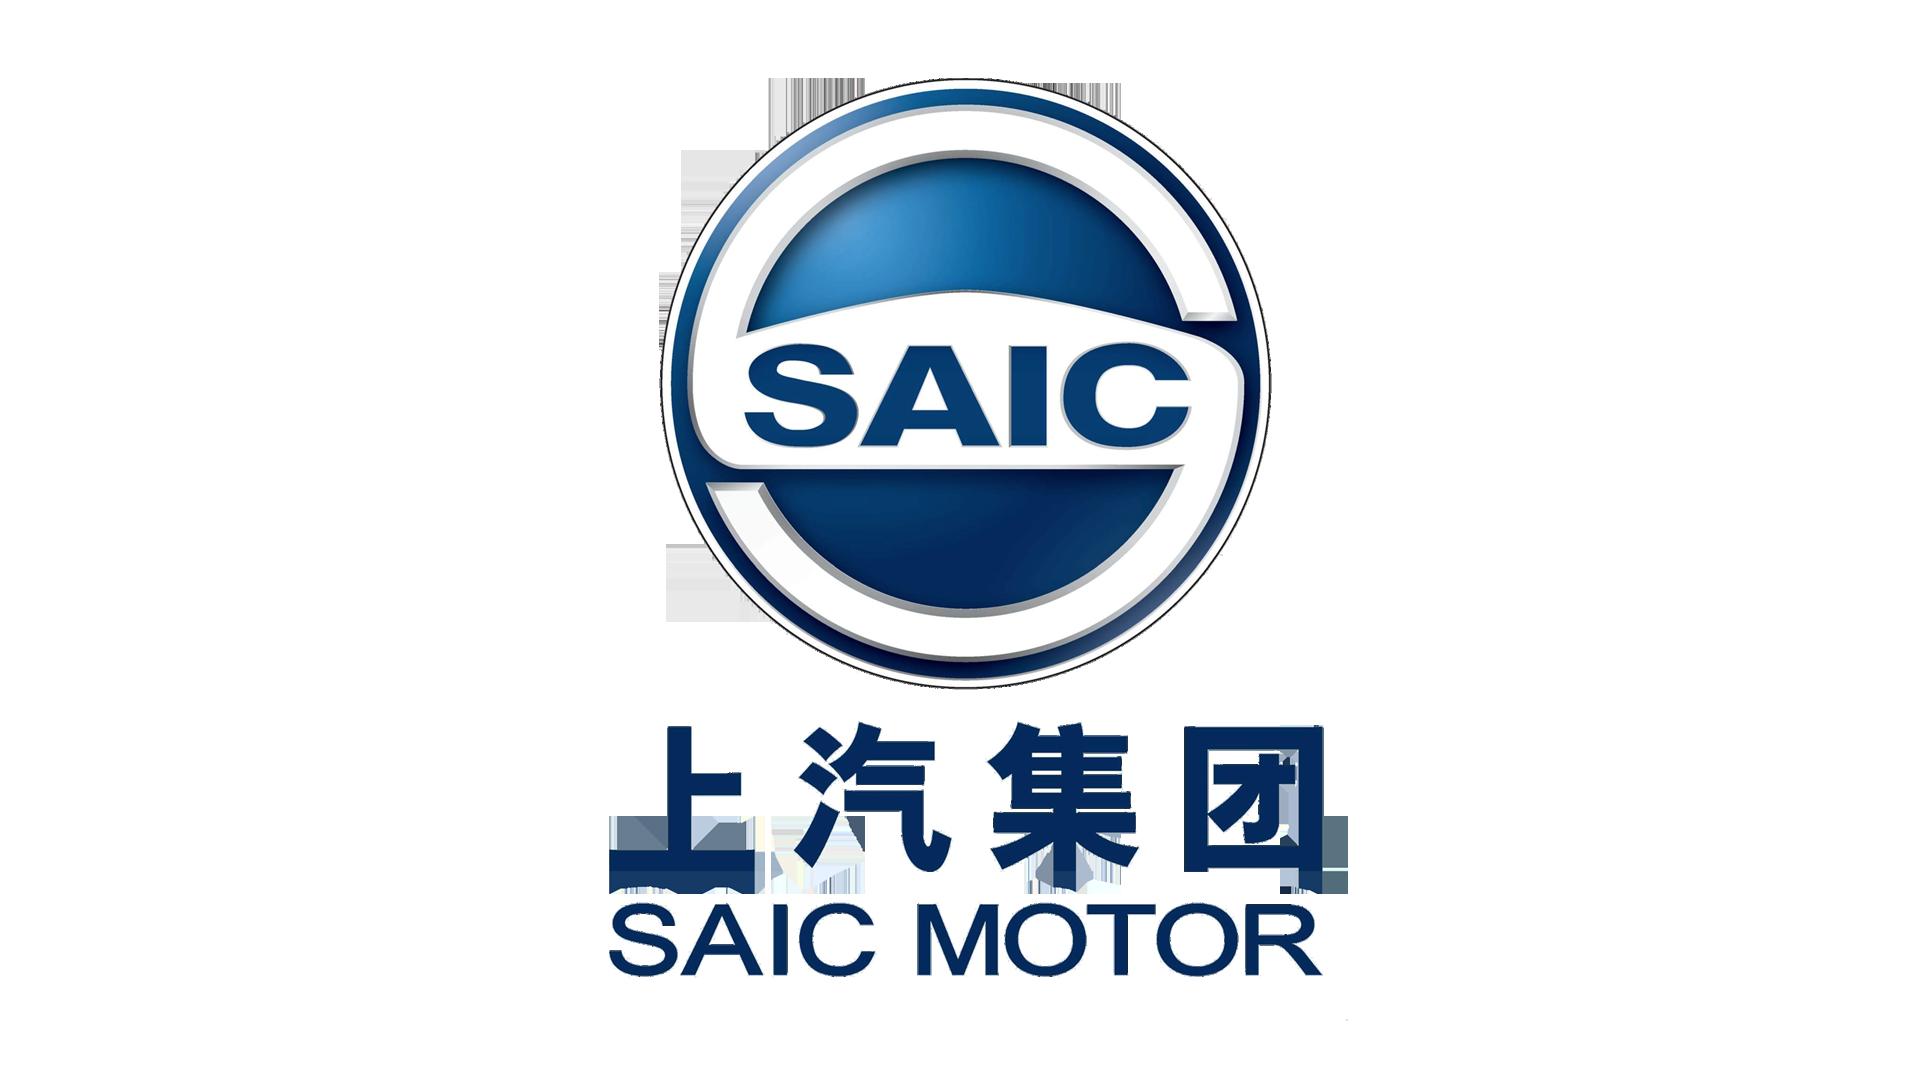 Saic Motor Emblem マヒンドラ ロゴ 小型車